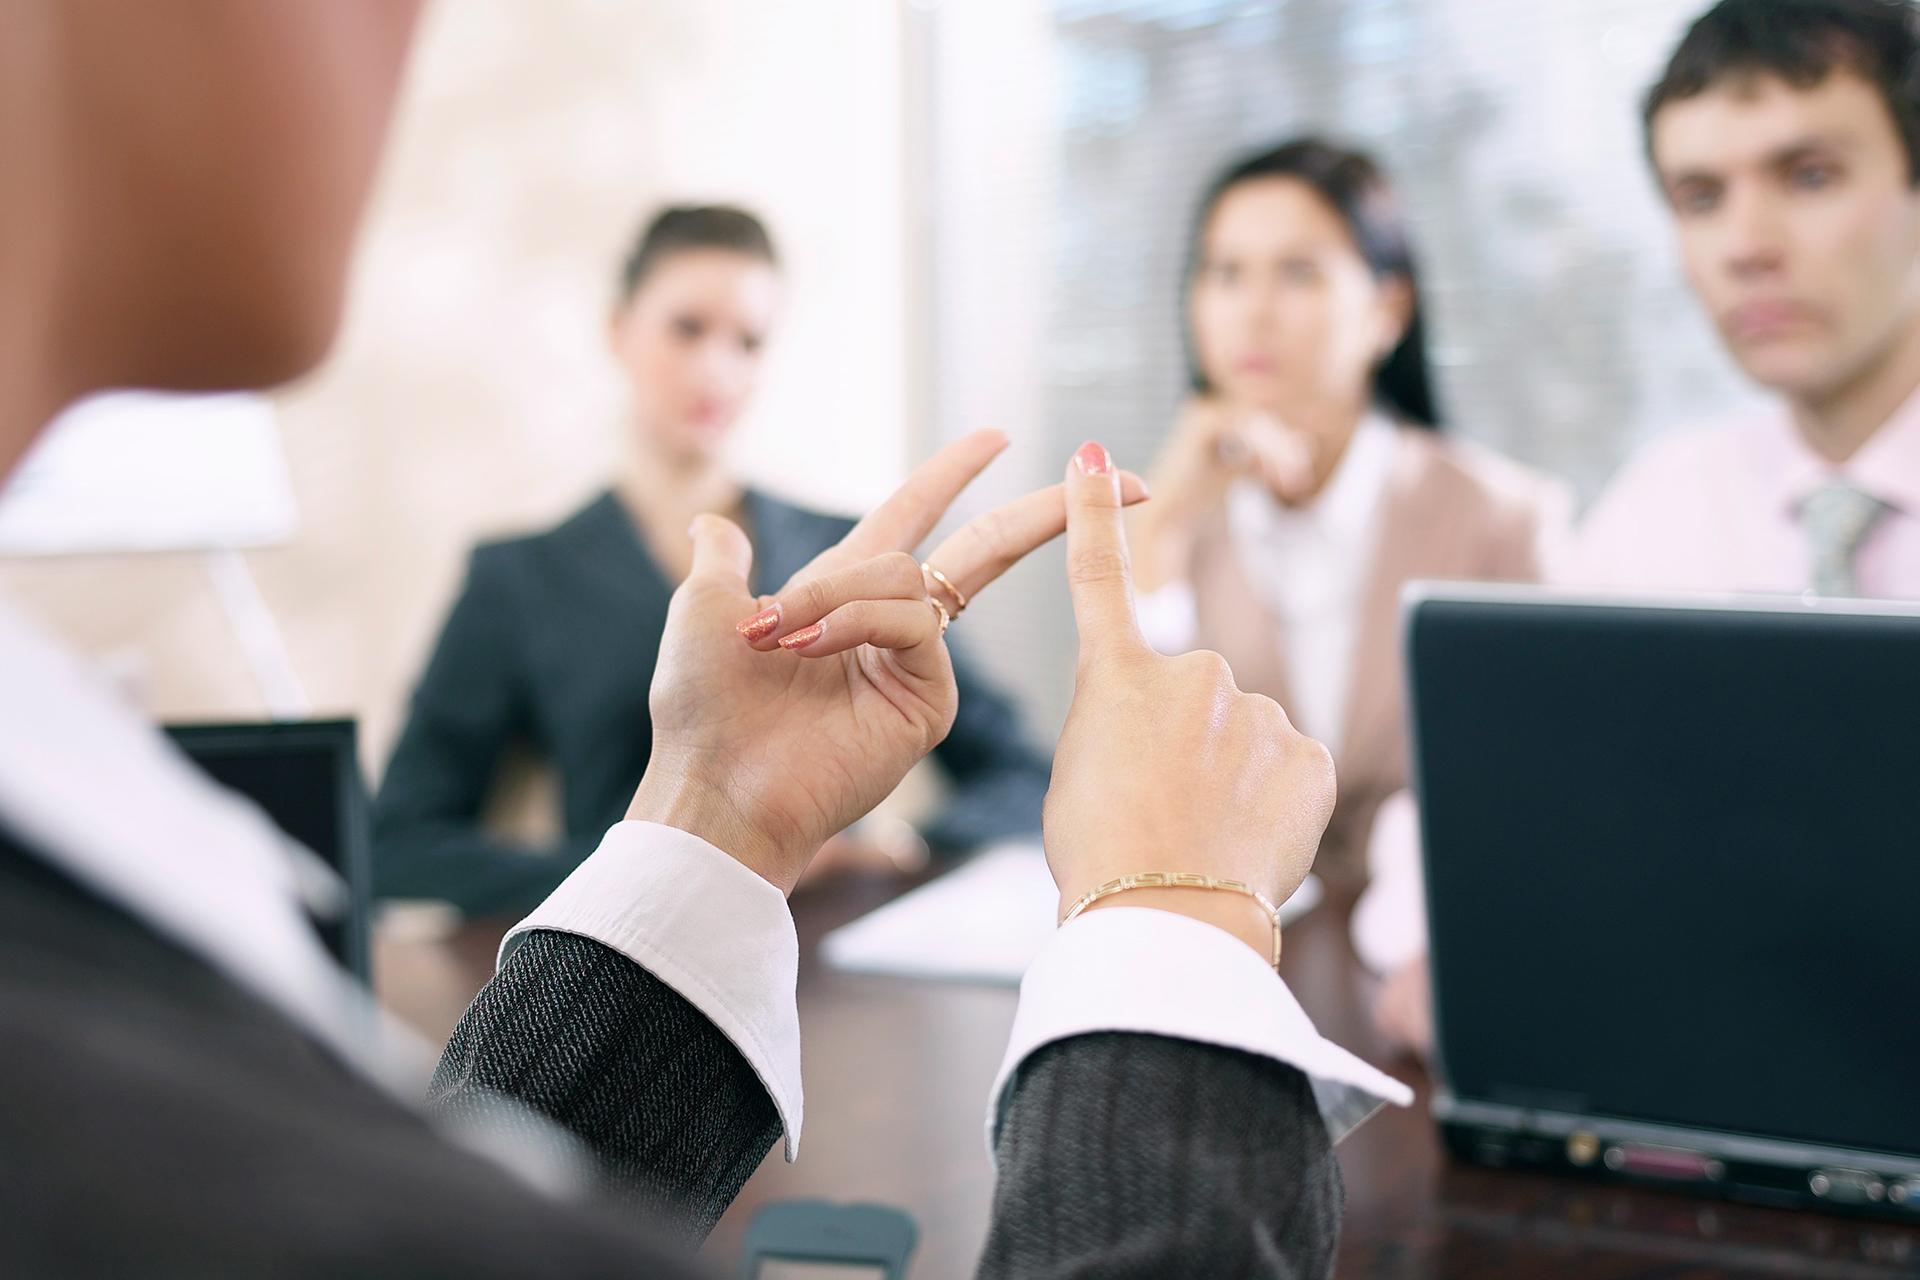 Valtuustoilta odotetaan yritystoimintaa tukevia päätöksiä